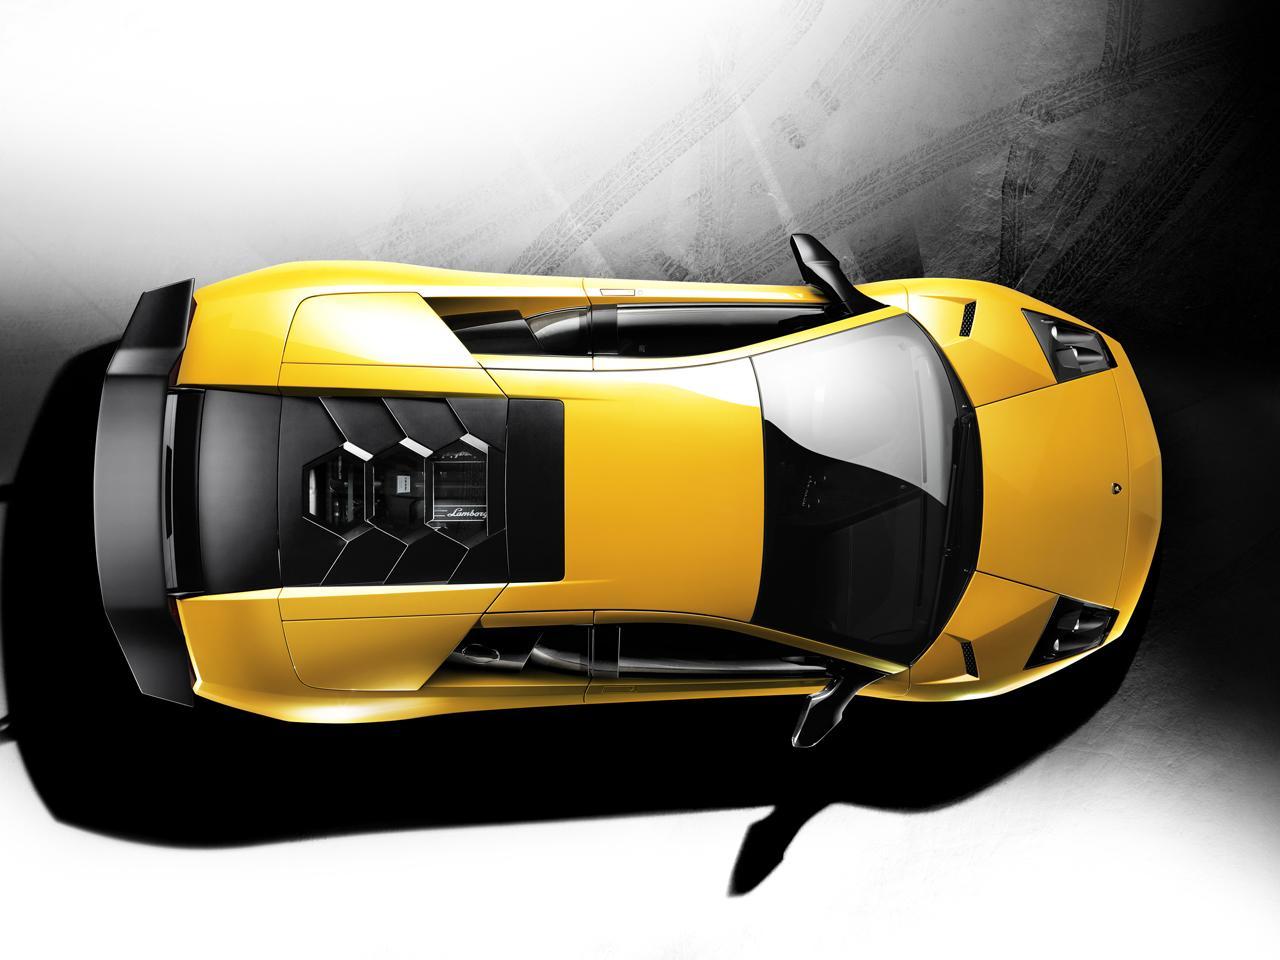 Lamborghini Murcielago SuperVeloce Specs